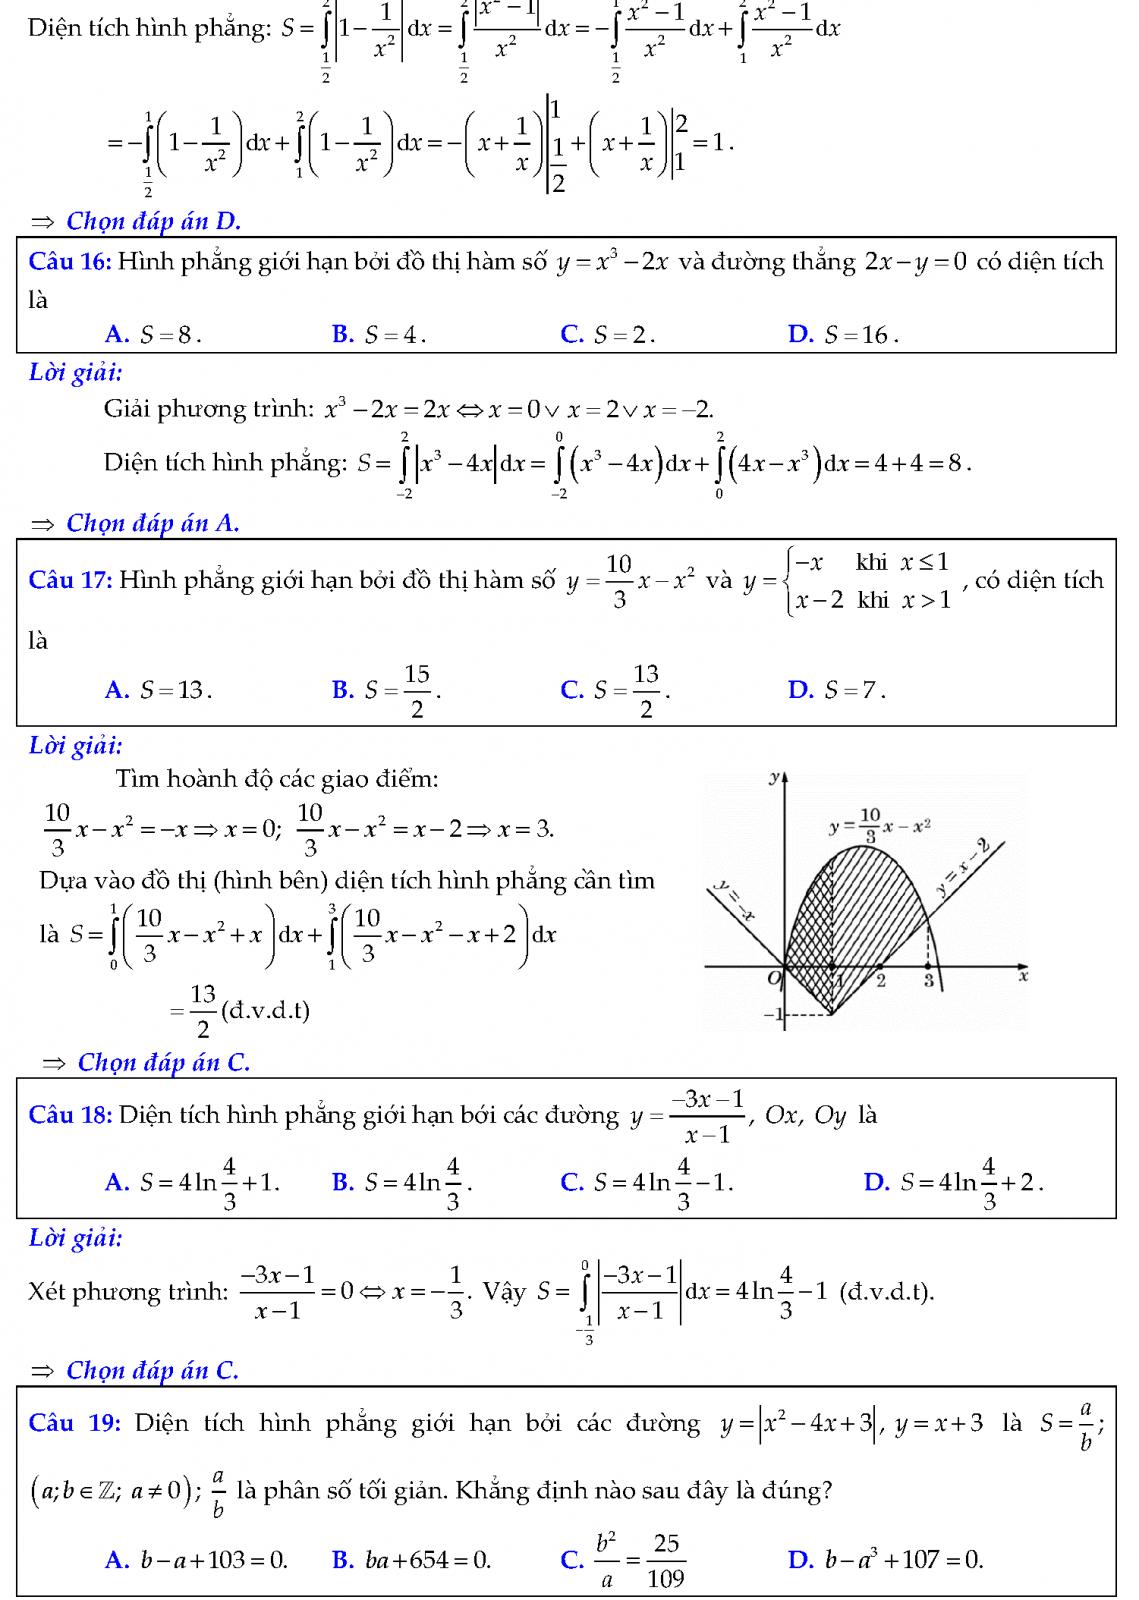 Ứng dụng của tích phân tính diện tích hình phẳng (8).png